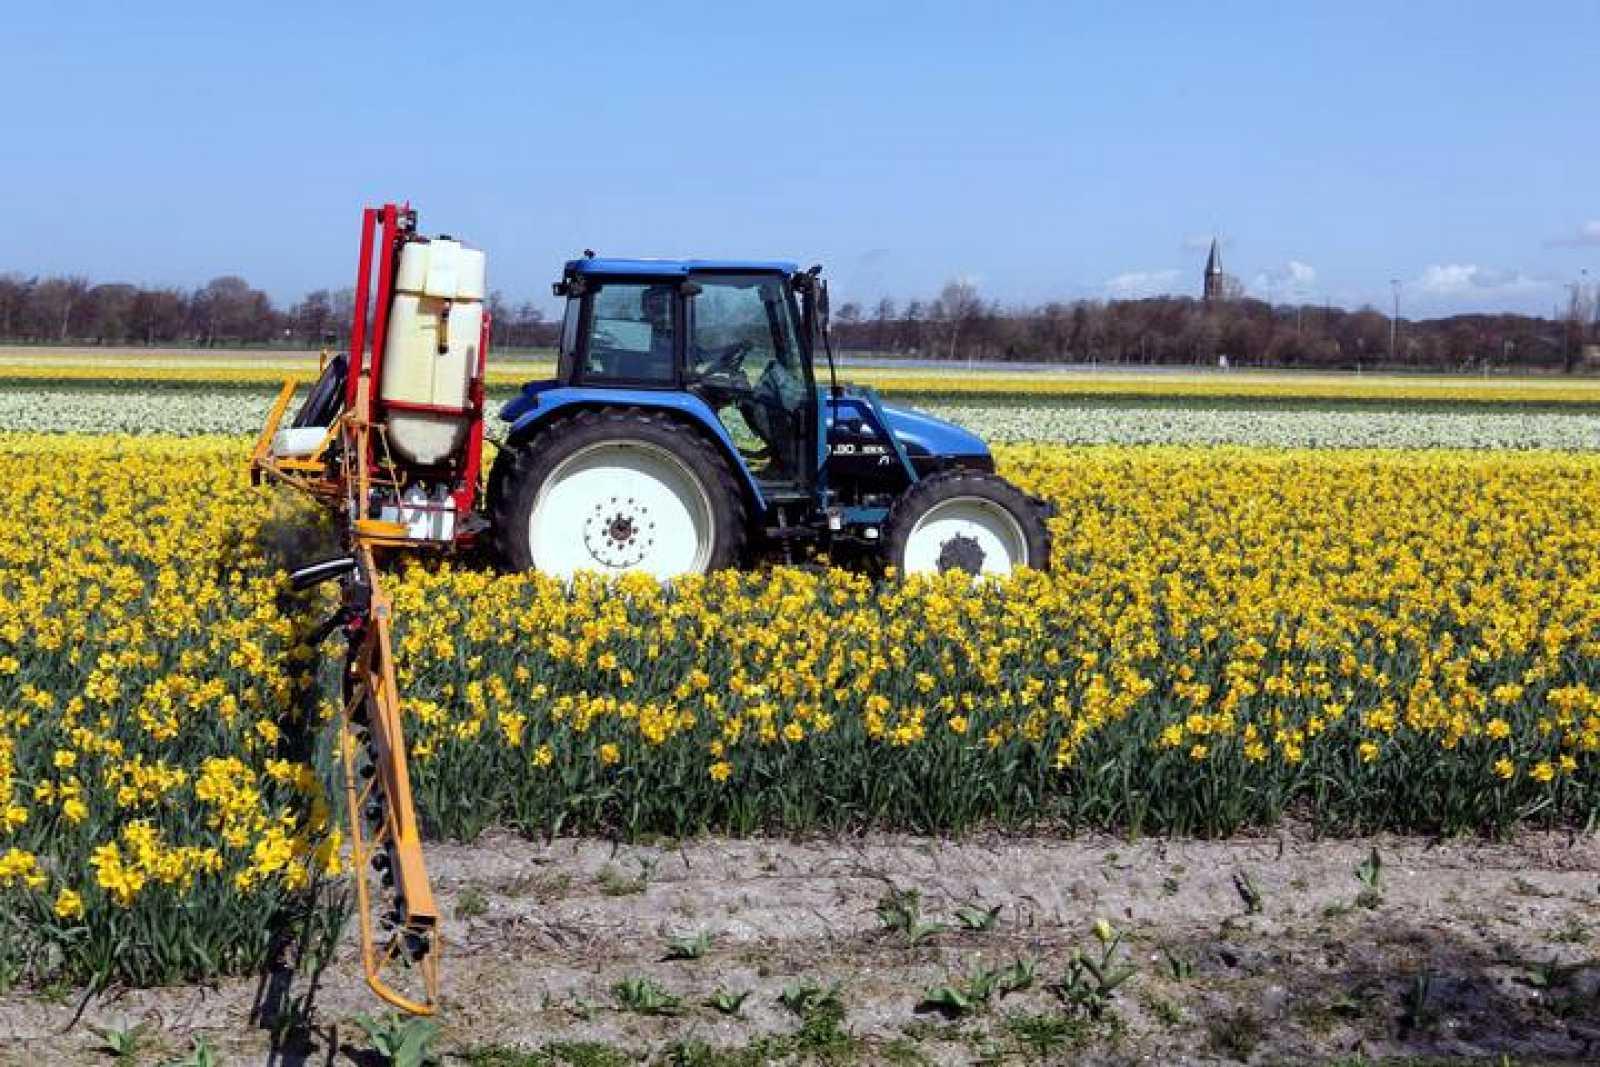 Un tractor fumigando con insecticida un campo.